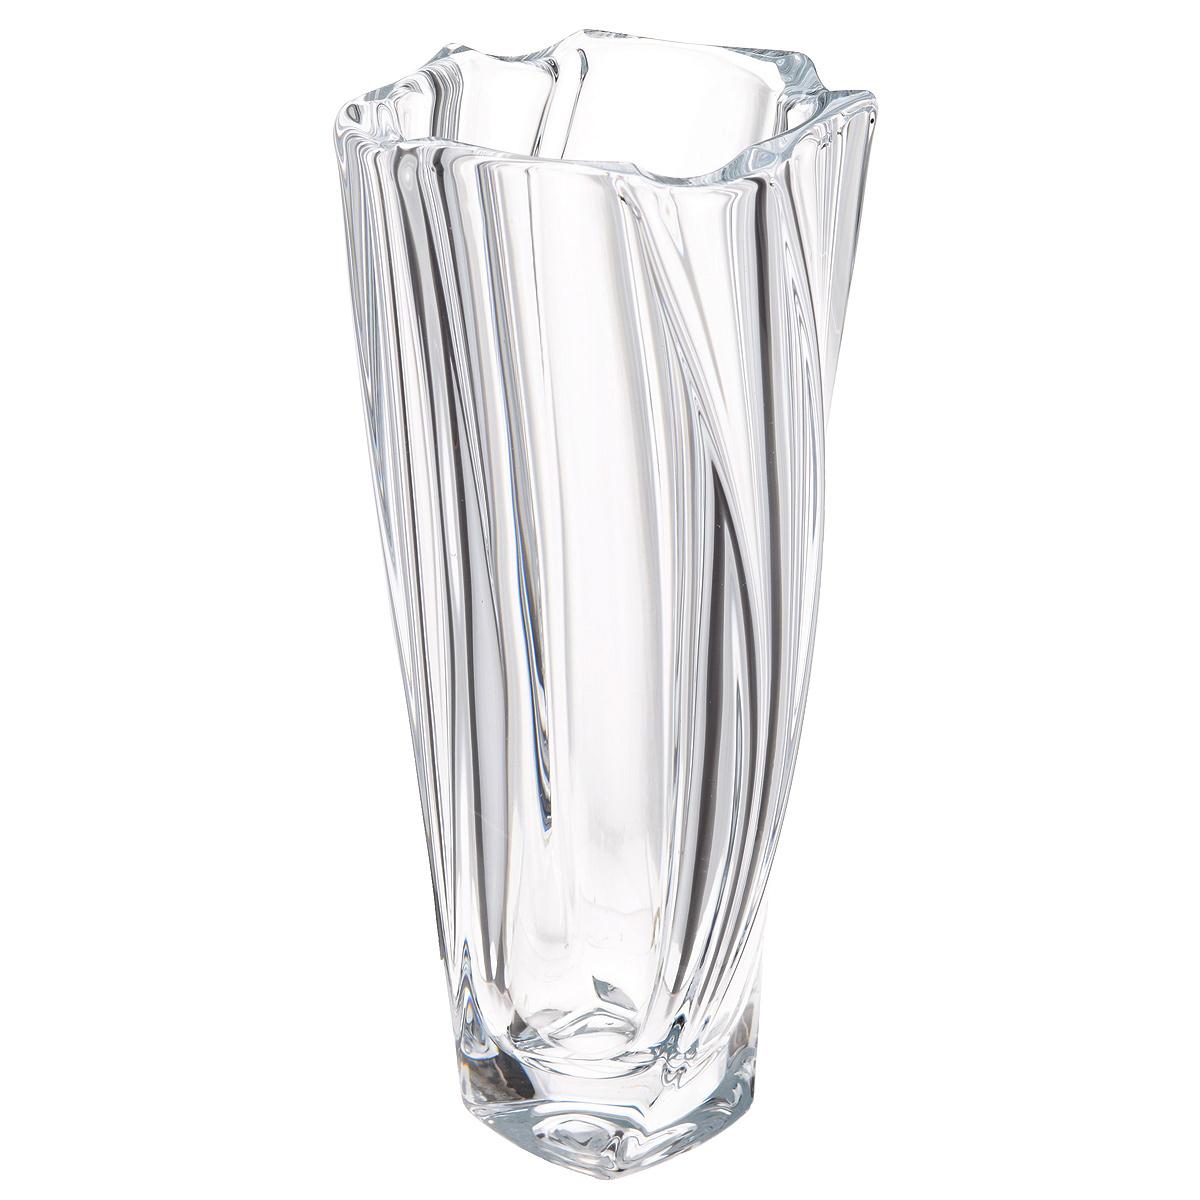 Ваза Crystalite Bohemia Нептун, высота 25,5 см8KG11/0/99S39/255Изящная ваза Crystalite Bohemia Нептун изготовлена из прочного утолщенного стекла кристалайт. Она красиво переливается и излучает приятный блеск. Ваза оснащена многогранной рельефной поверхностью и неровными краями, что делает ее изящным украшением интерьера. Ваза Crystalite Bohemia Нептун дополнит интерьер офиса или дома и станет желанным и стильным подарком.